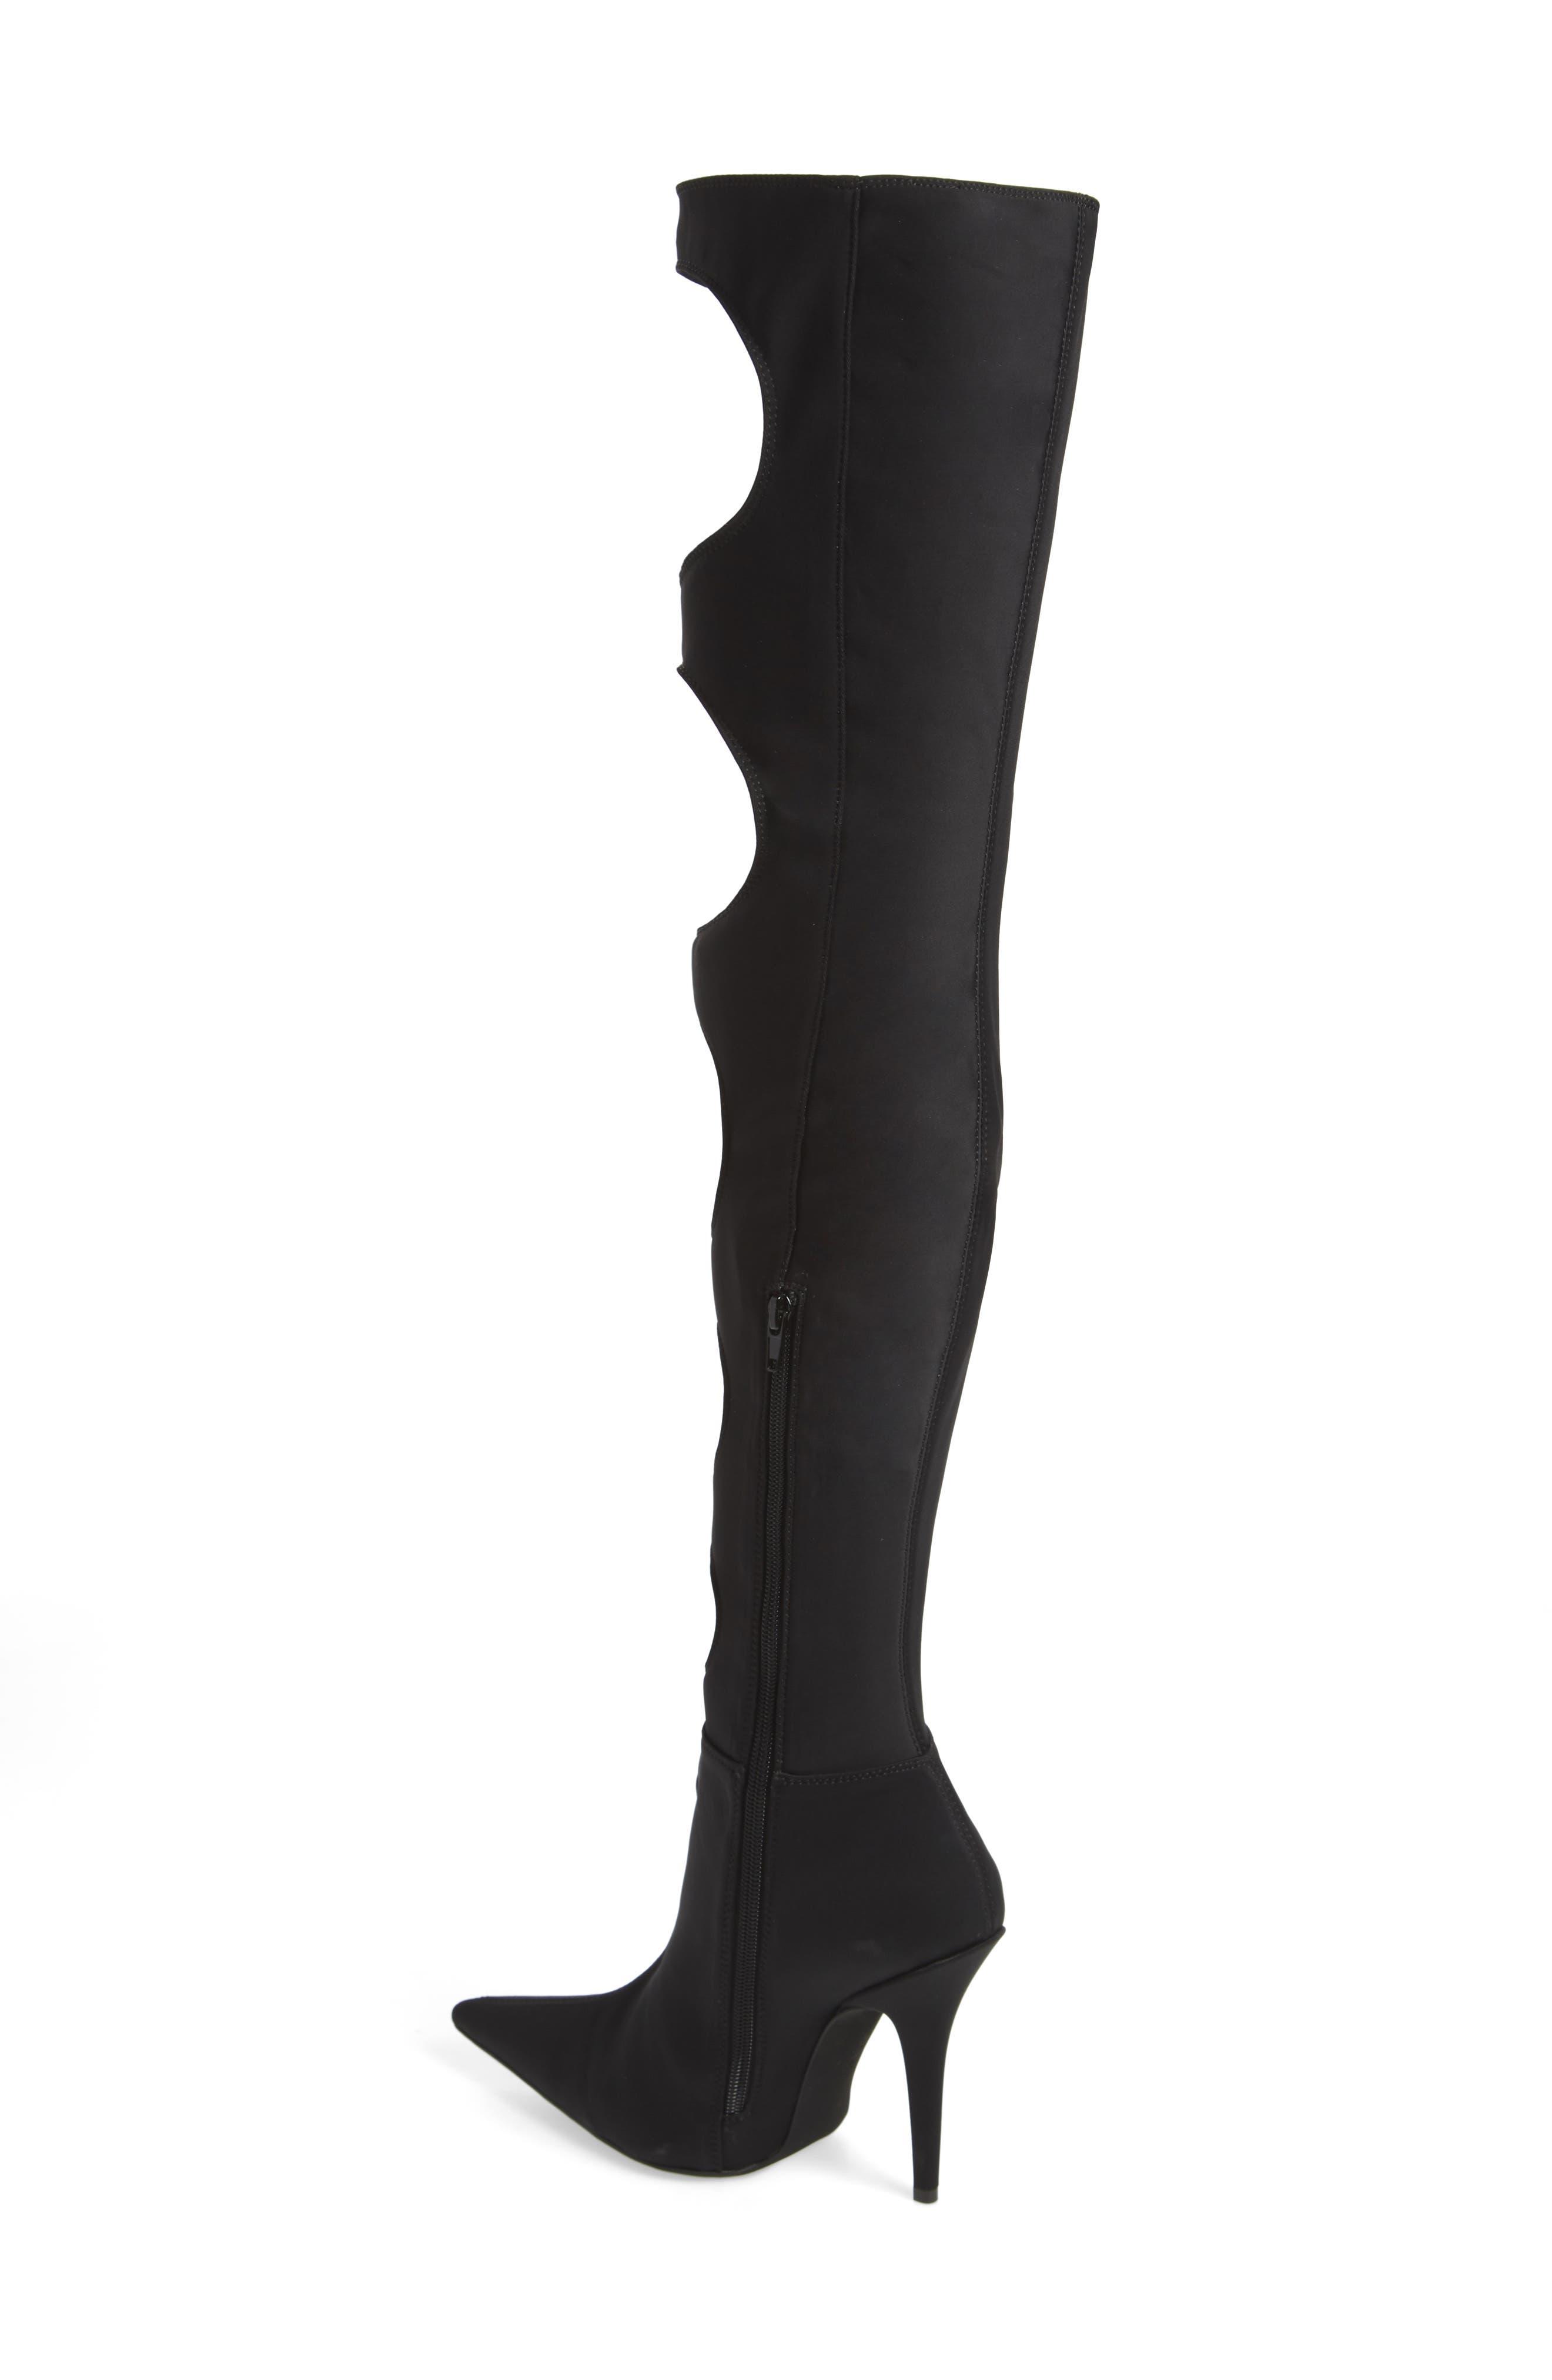 Gamora Over the Knee Boot,                             Alternate thumbnail 2, color,                             Black/ Black